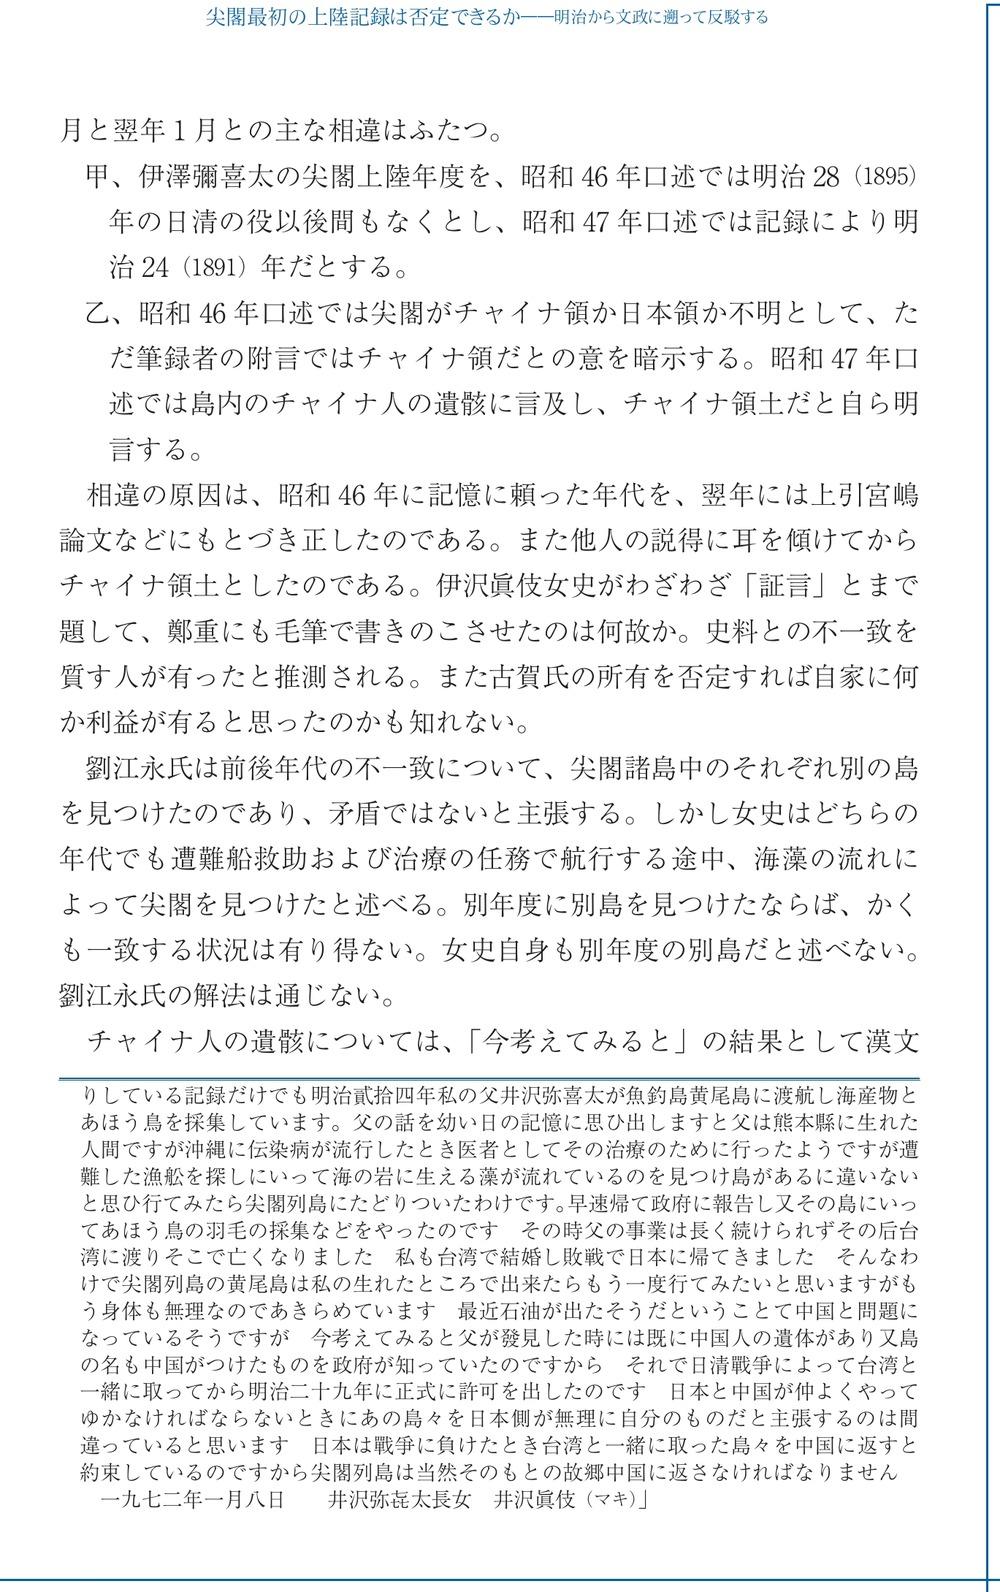 島嶼4-1伊澤3